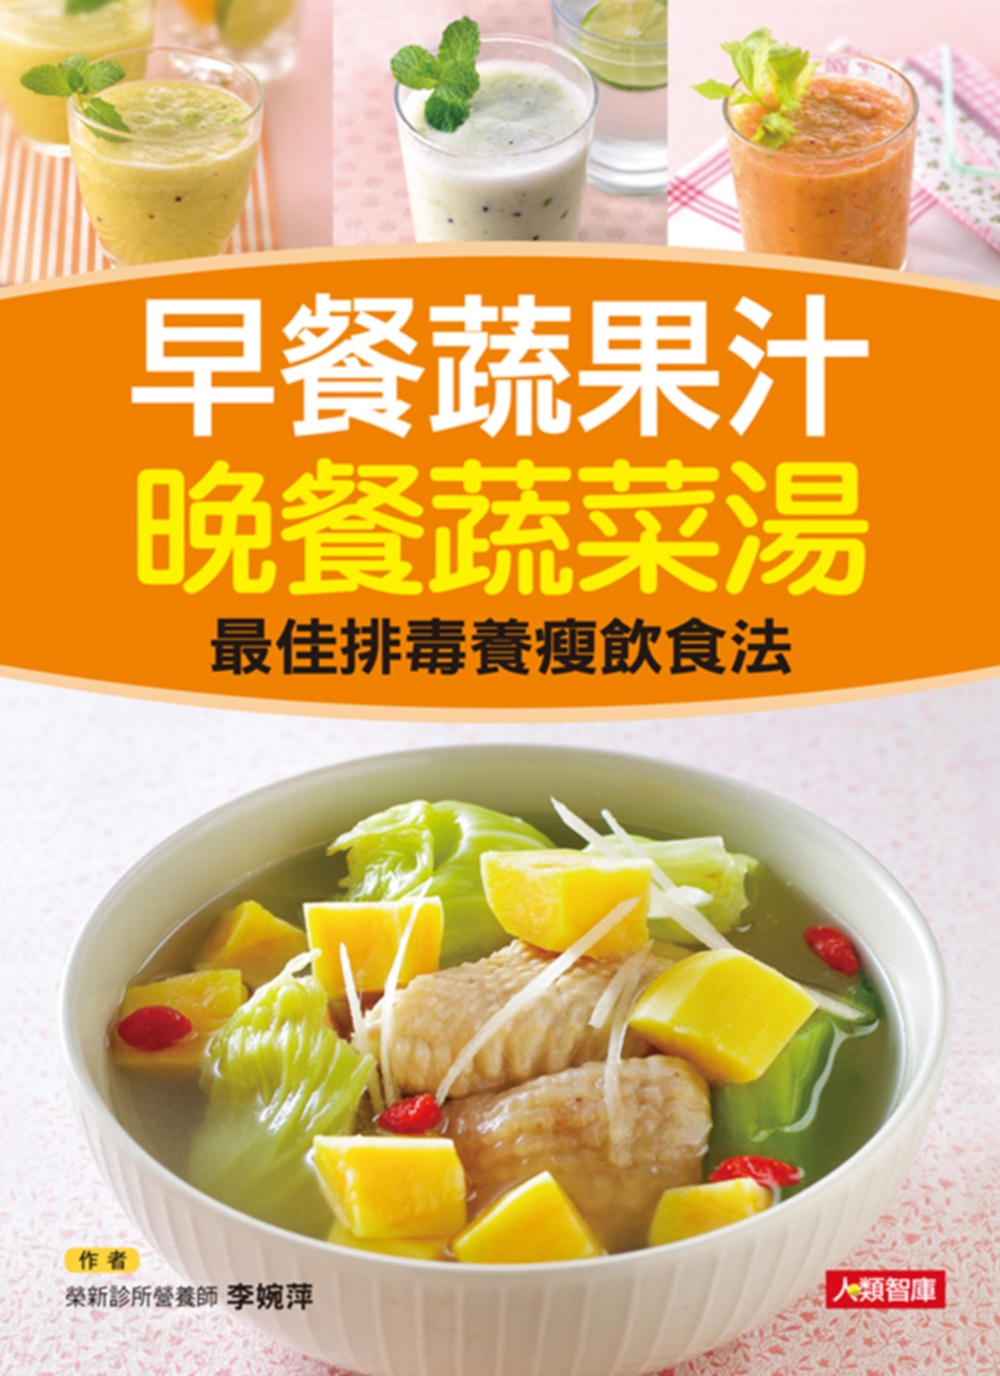 早餐蔬果汁 晚餐蔬菜湯